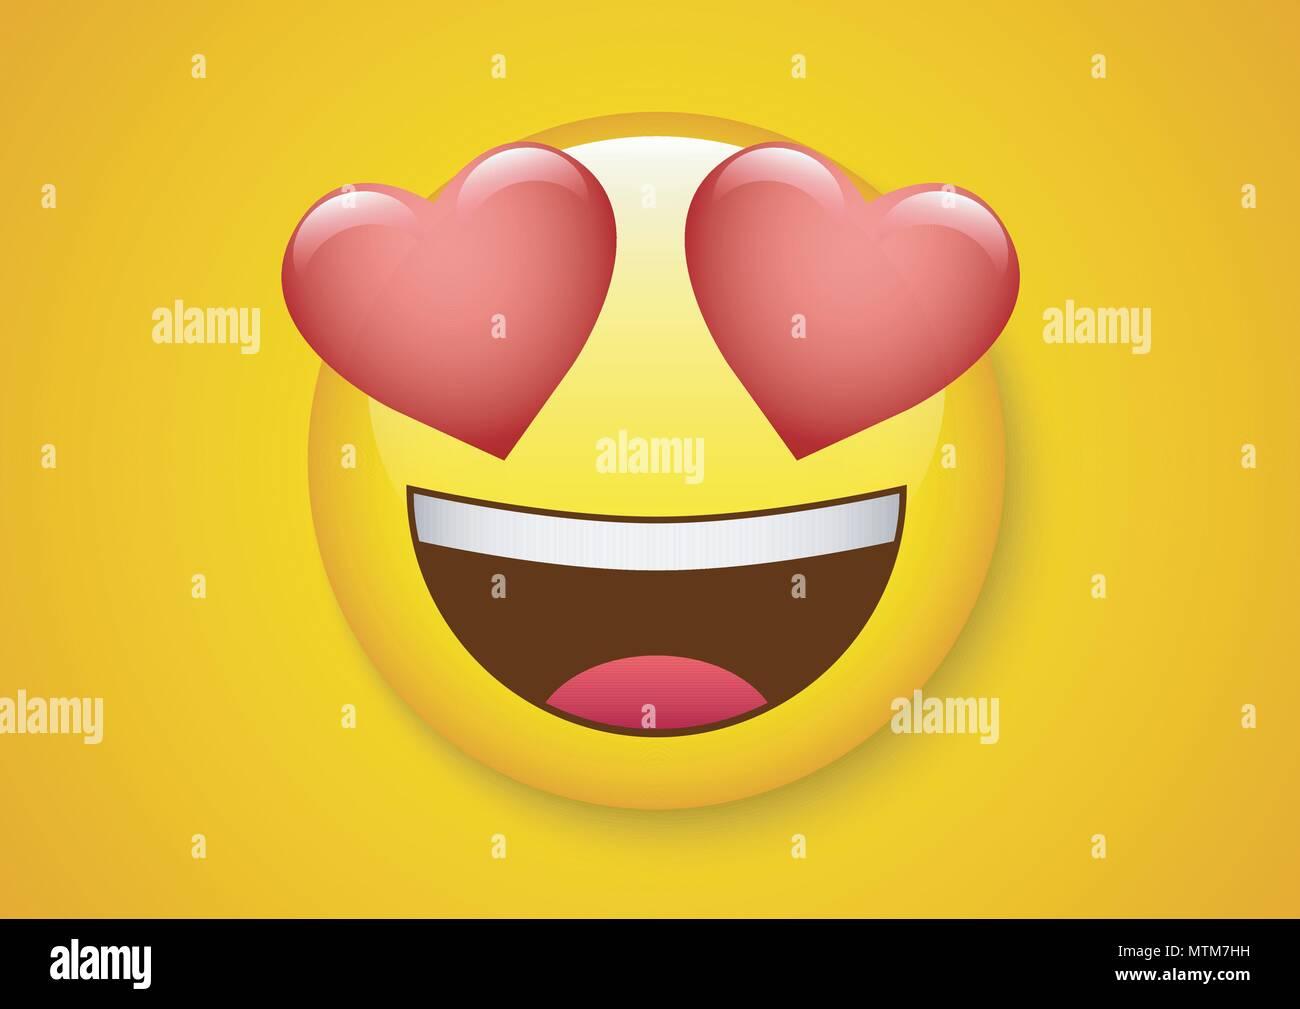 Conception De Vecteur D Expression Visage Etonne D Emoticones Image Vectorielle Stock Alamy